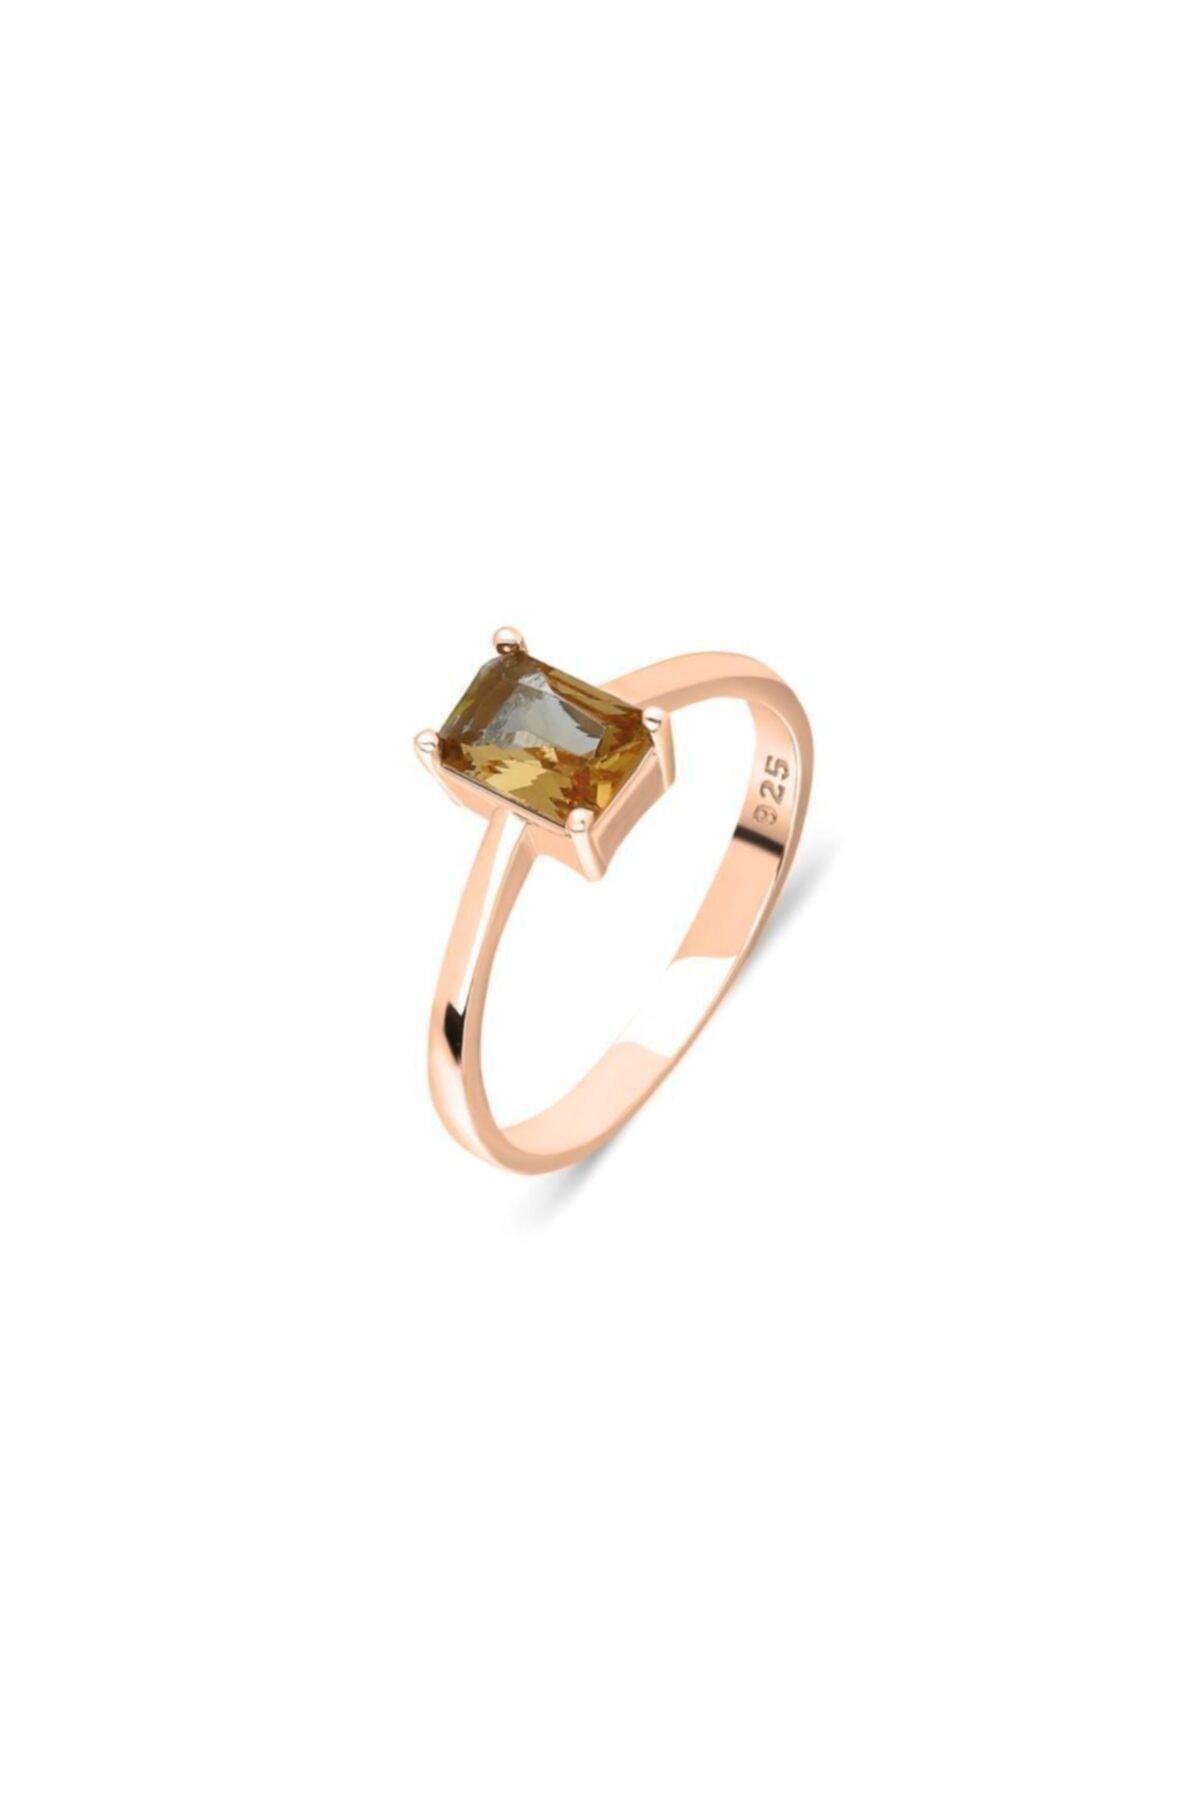 Aykat Roze Gümüş Yüzük Zultanit Taşlı Kadın Yüzüğü Yzk-353 1